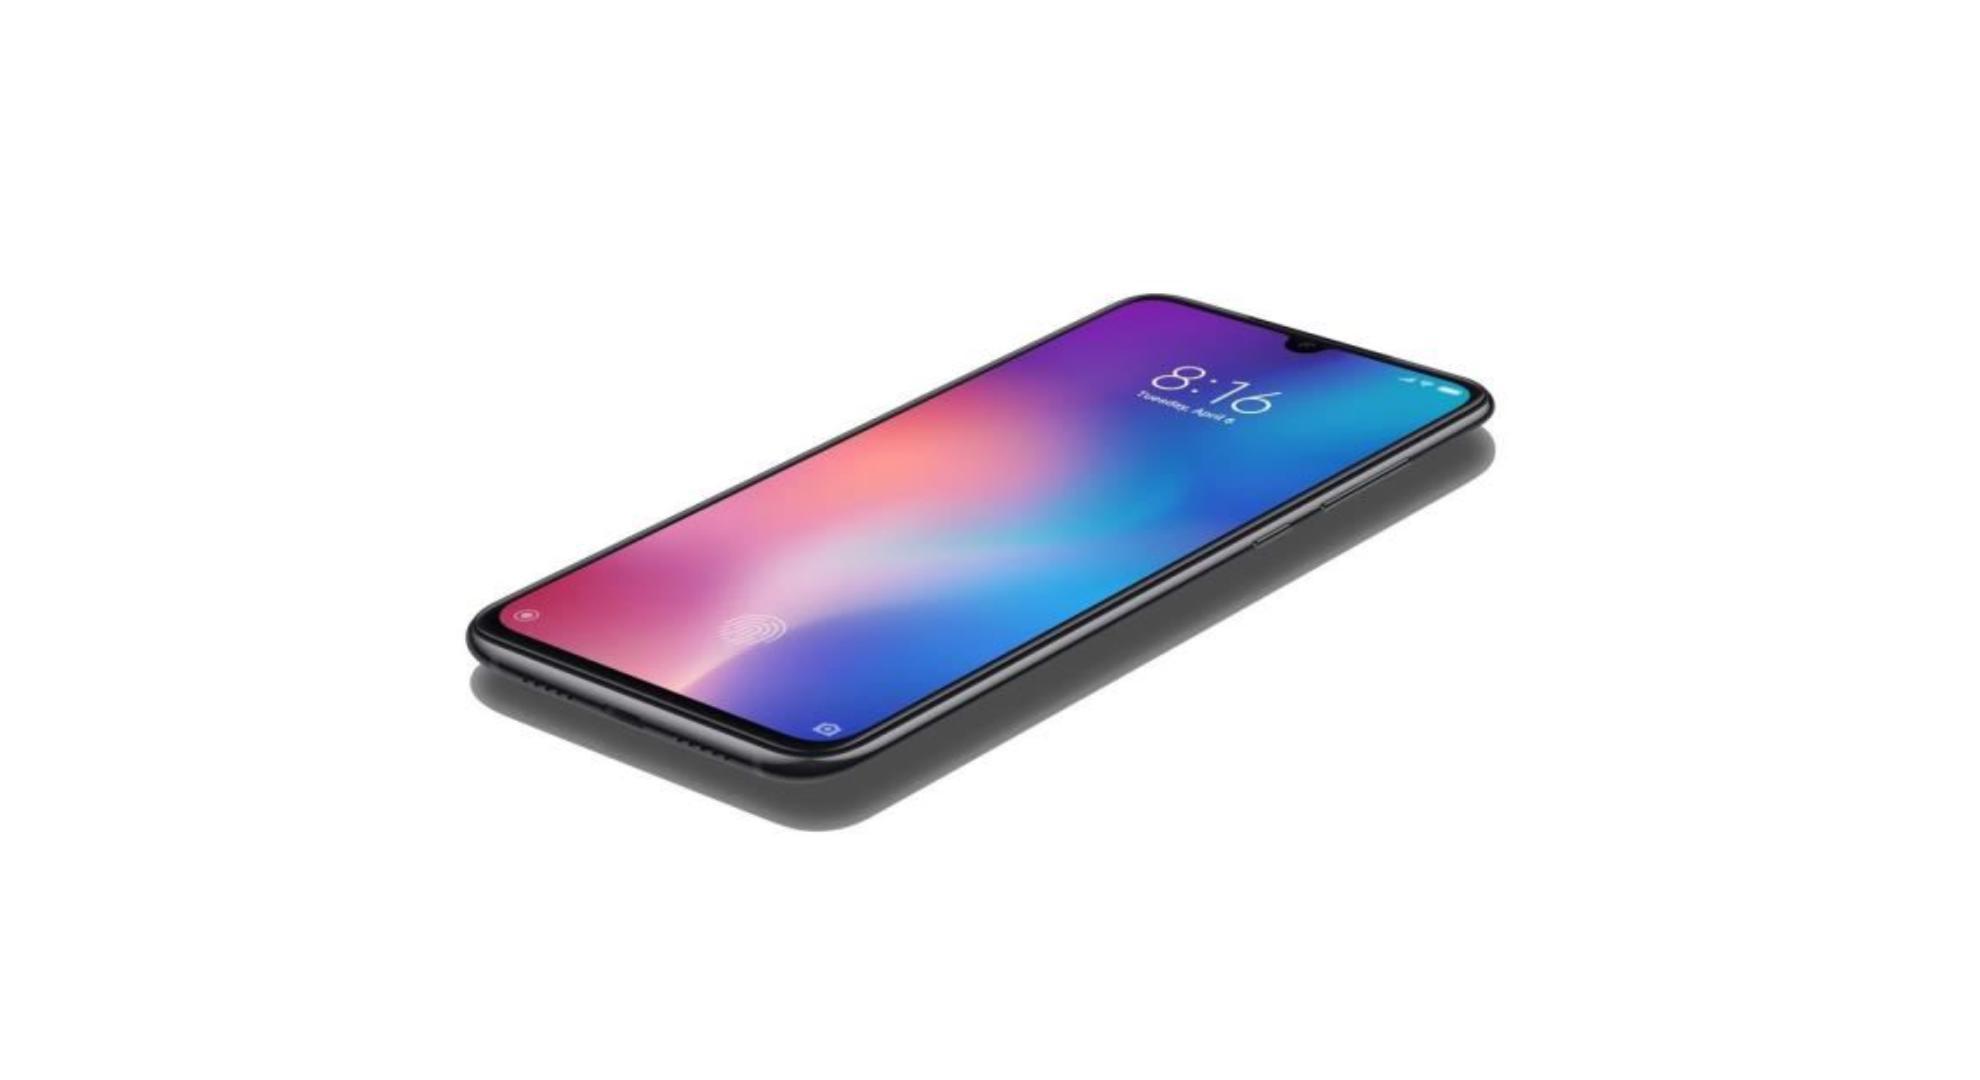 Où acheter le Xiaomi Mi 9 au meilleur prix en 2019 ? Toutes les offres